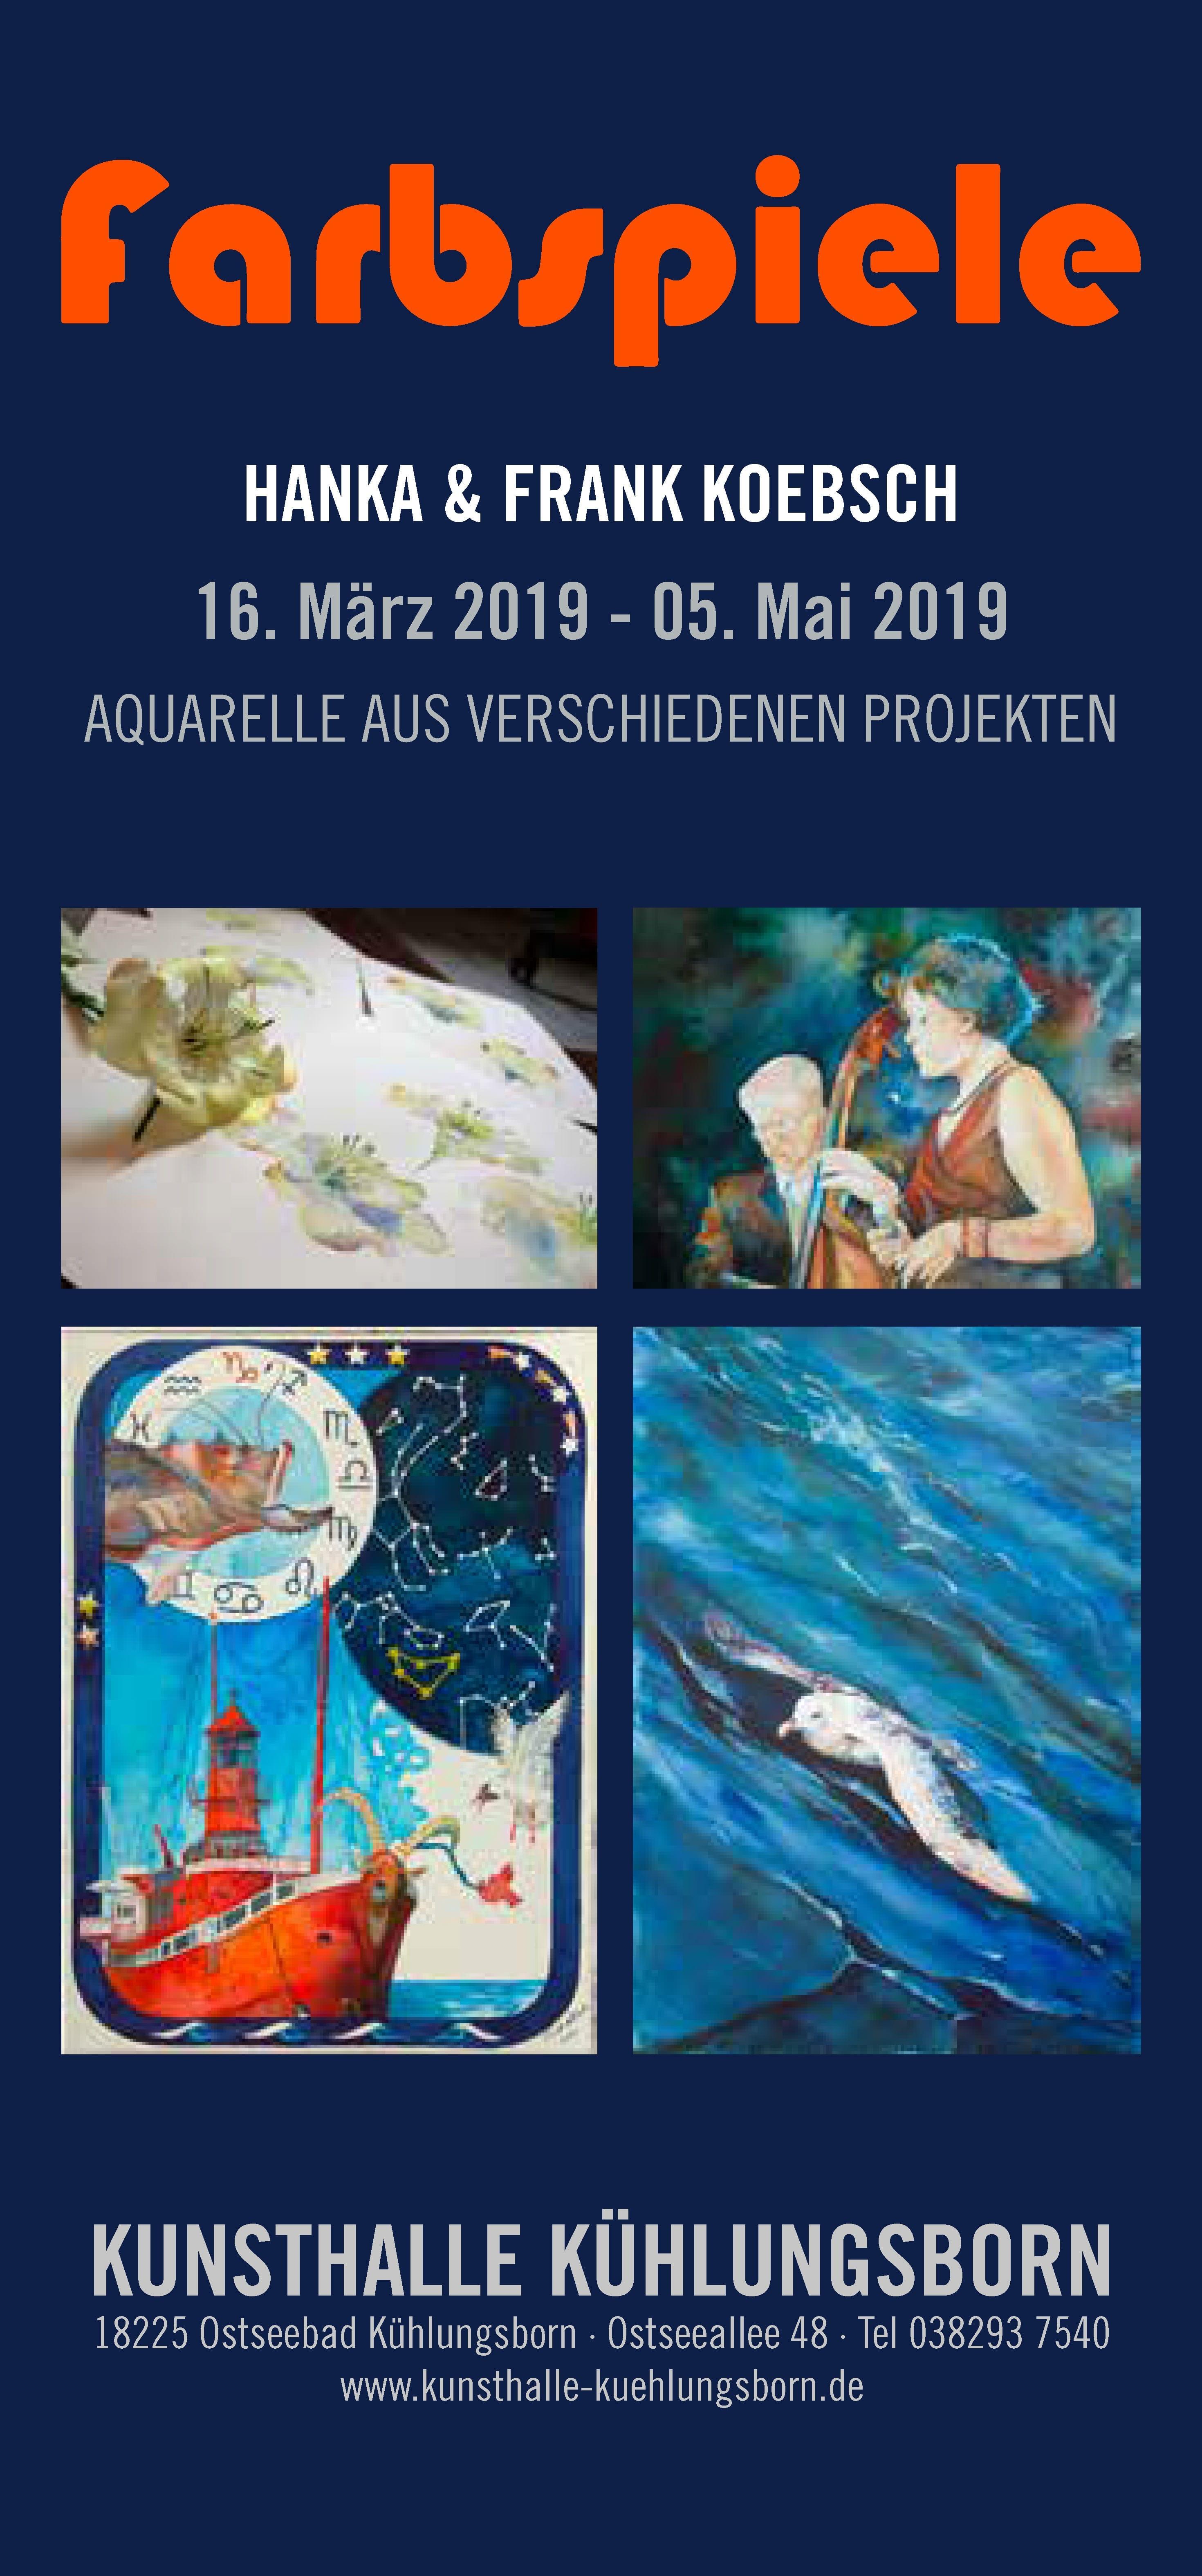 ELD Farbspiele_0163_02_Seite_1